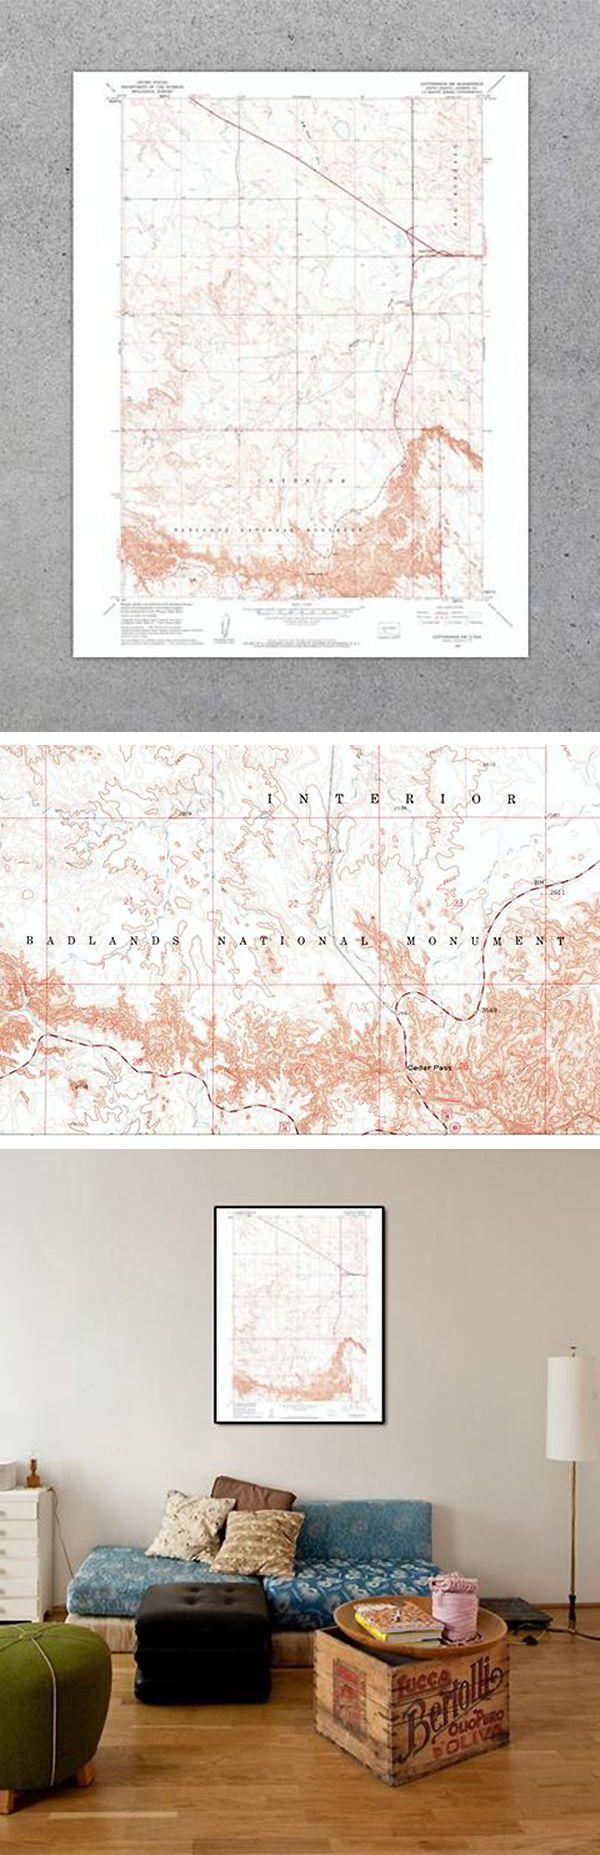 Badlands National Park 1960 USGS Map Mejores